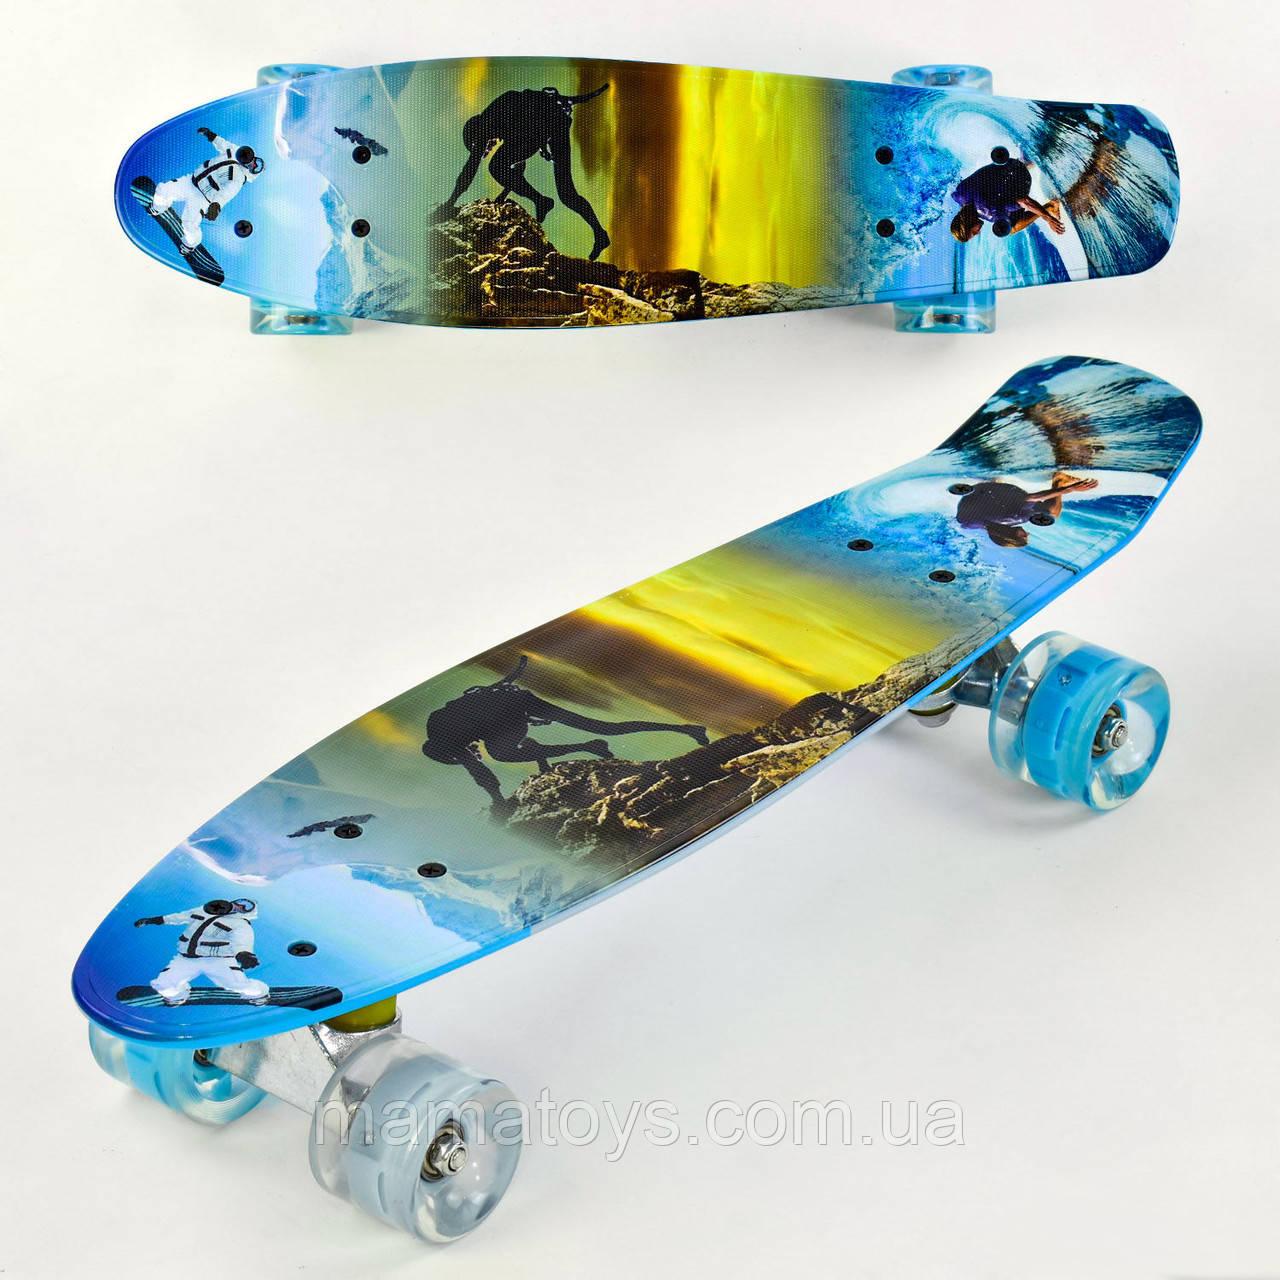 Скейт F 3270 Best Board Пенни борд 55 см, колёса PU Светятся, d=6см